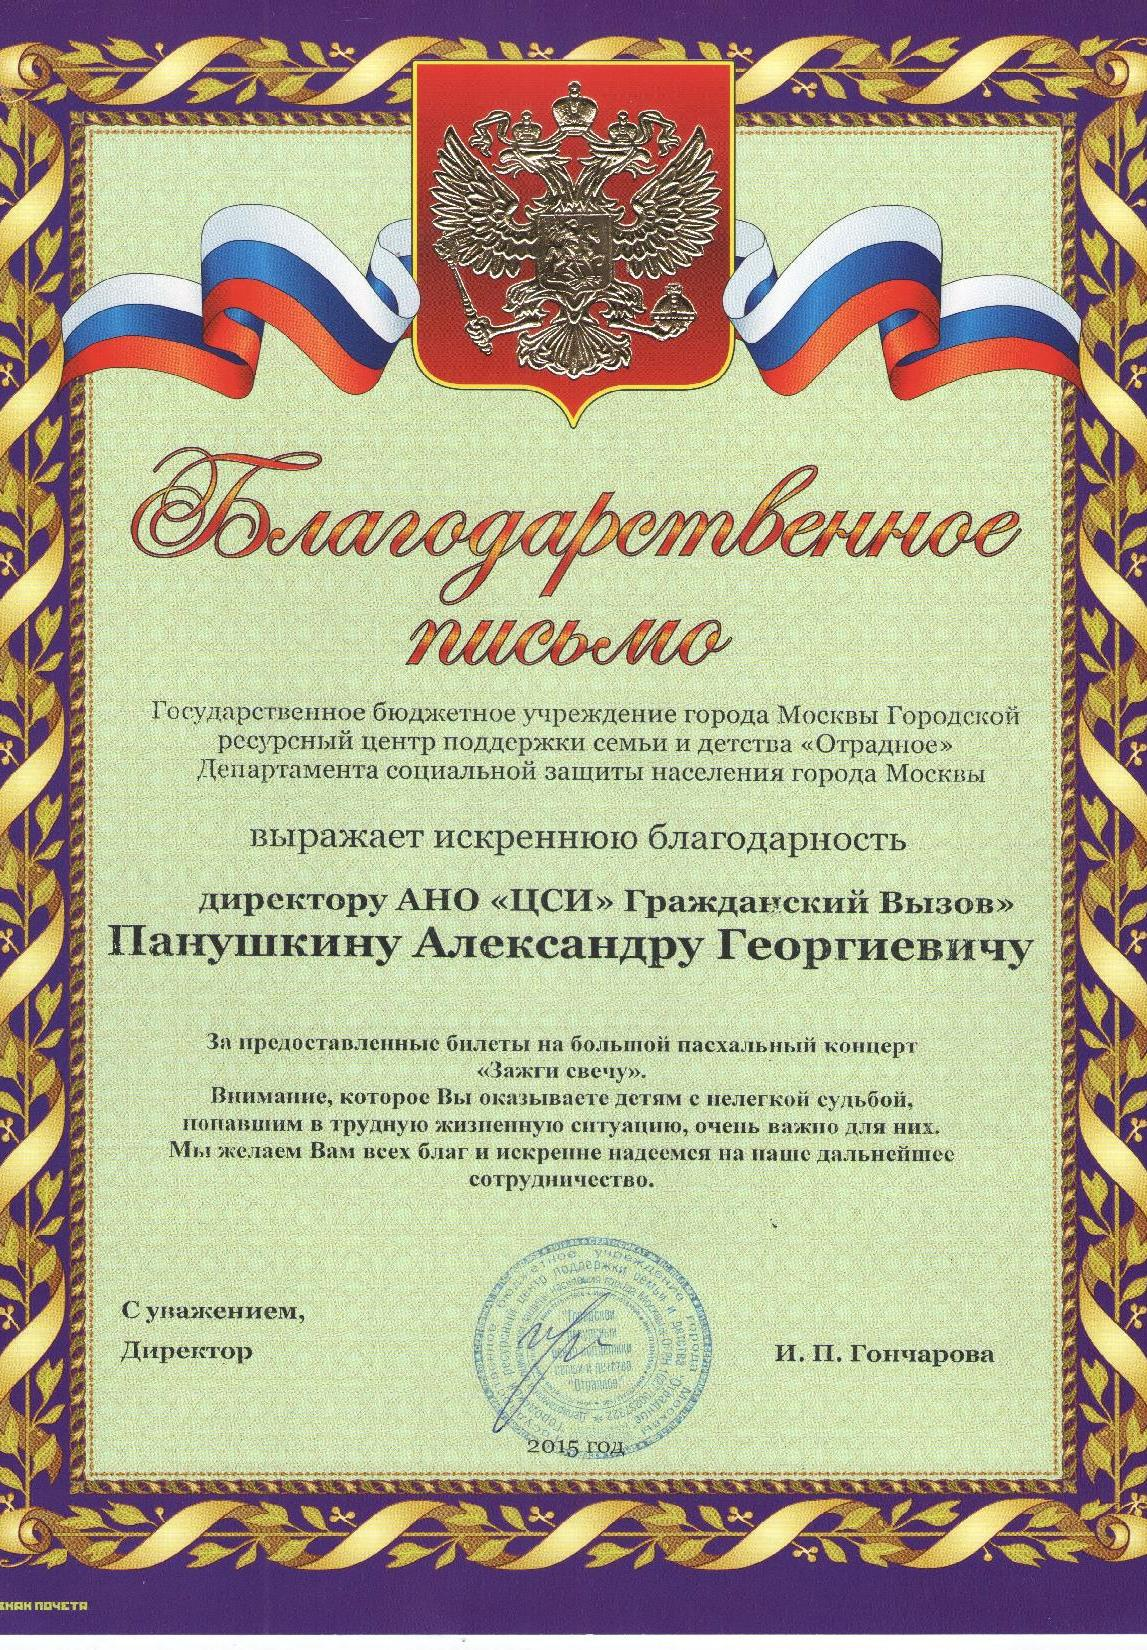 Пильмо из Департамента социальной защиты Москвы